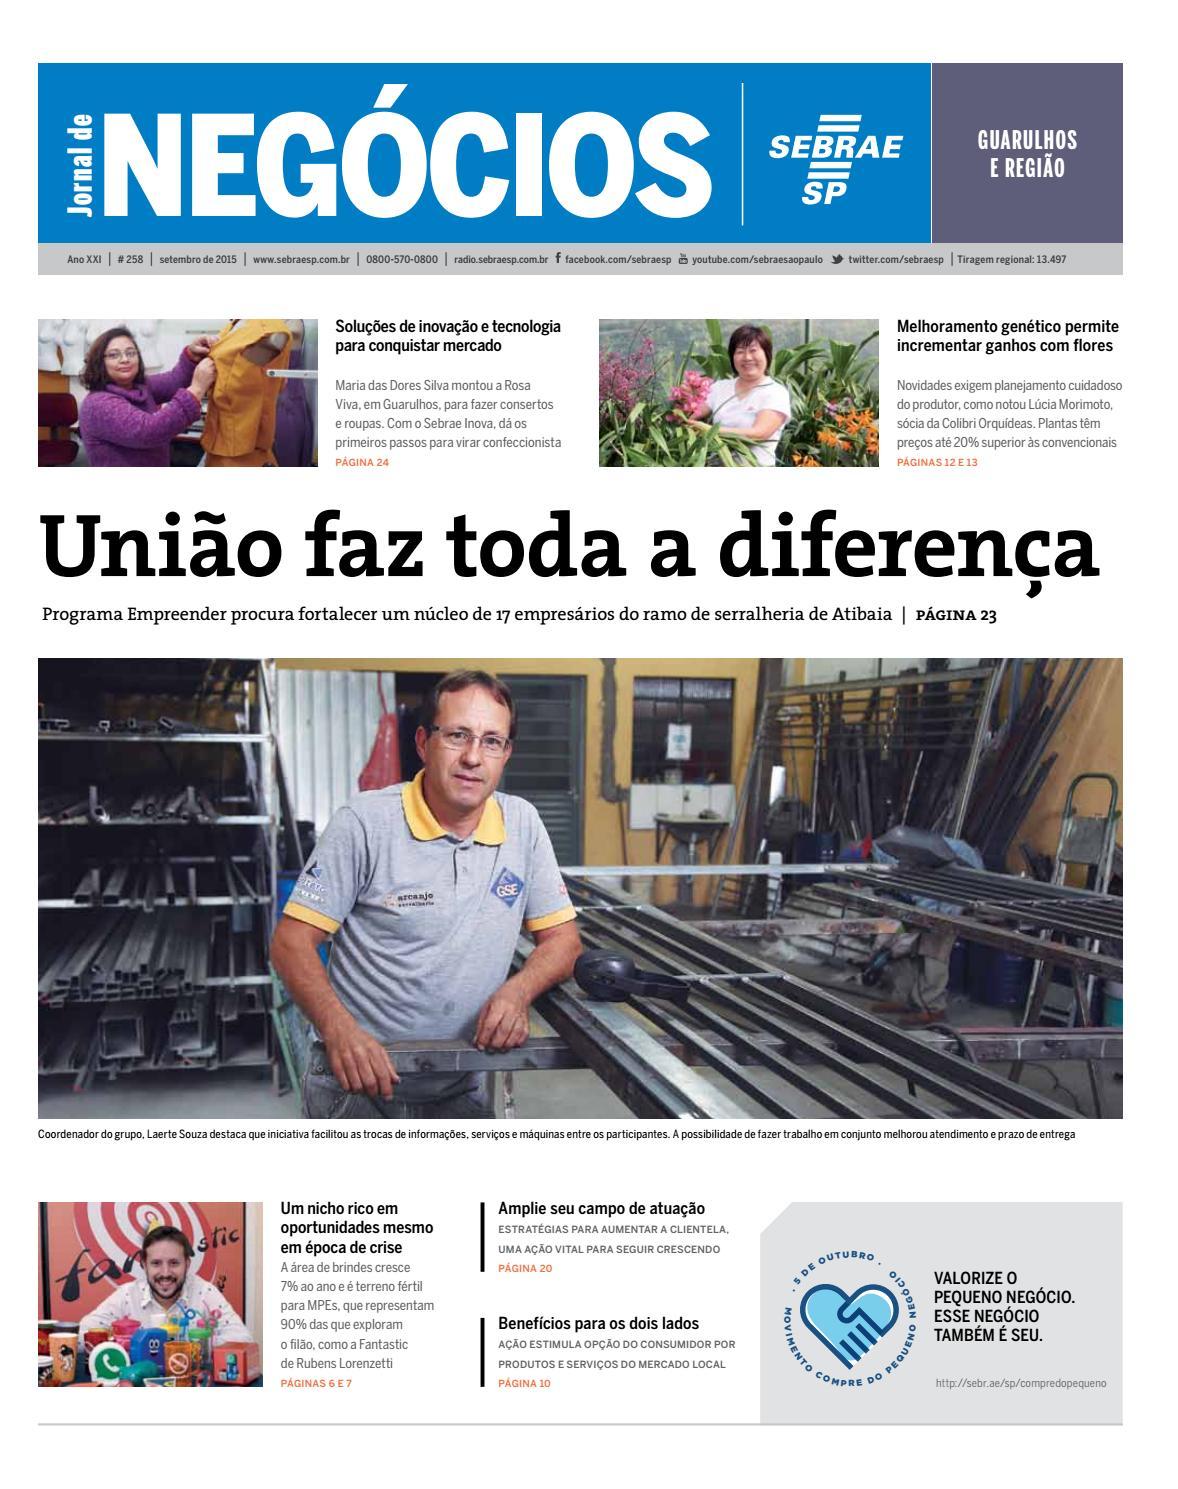 1f5a19cee0c Jornal de Negócios Sebrae-SP - 01 de setembro de 2015 - Guarulhos e Região  by Sebrae-SP - issuu